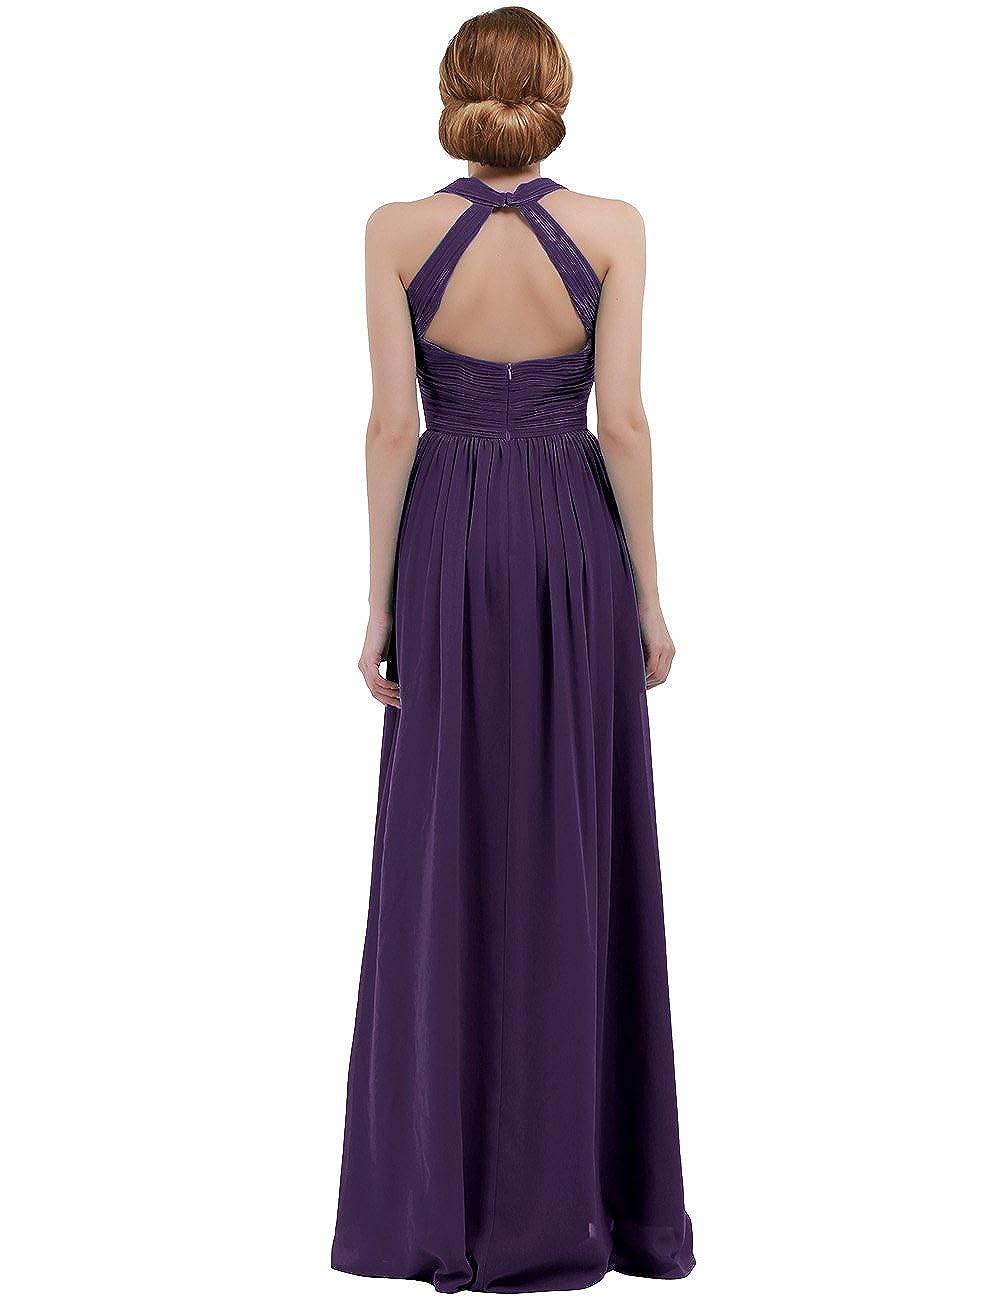 iEFiEL Damen Elegant Sommer Kleid Festliches Abendkleid V-Ausschnitt ...